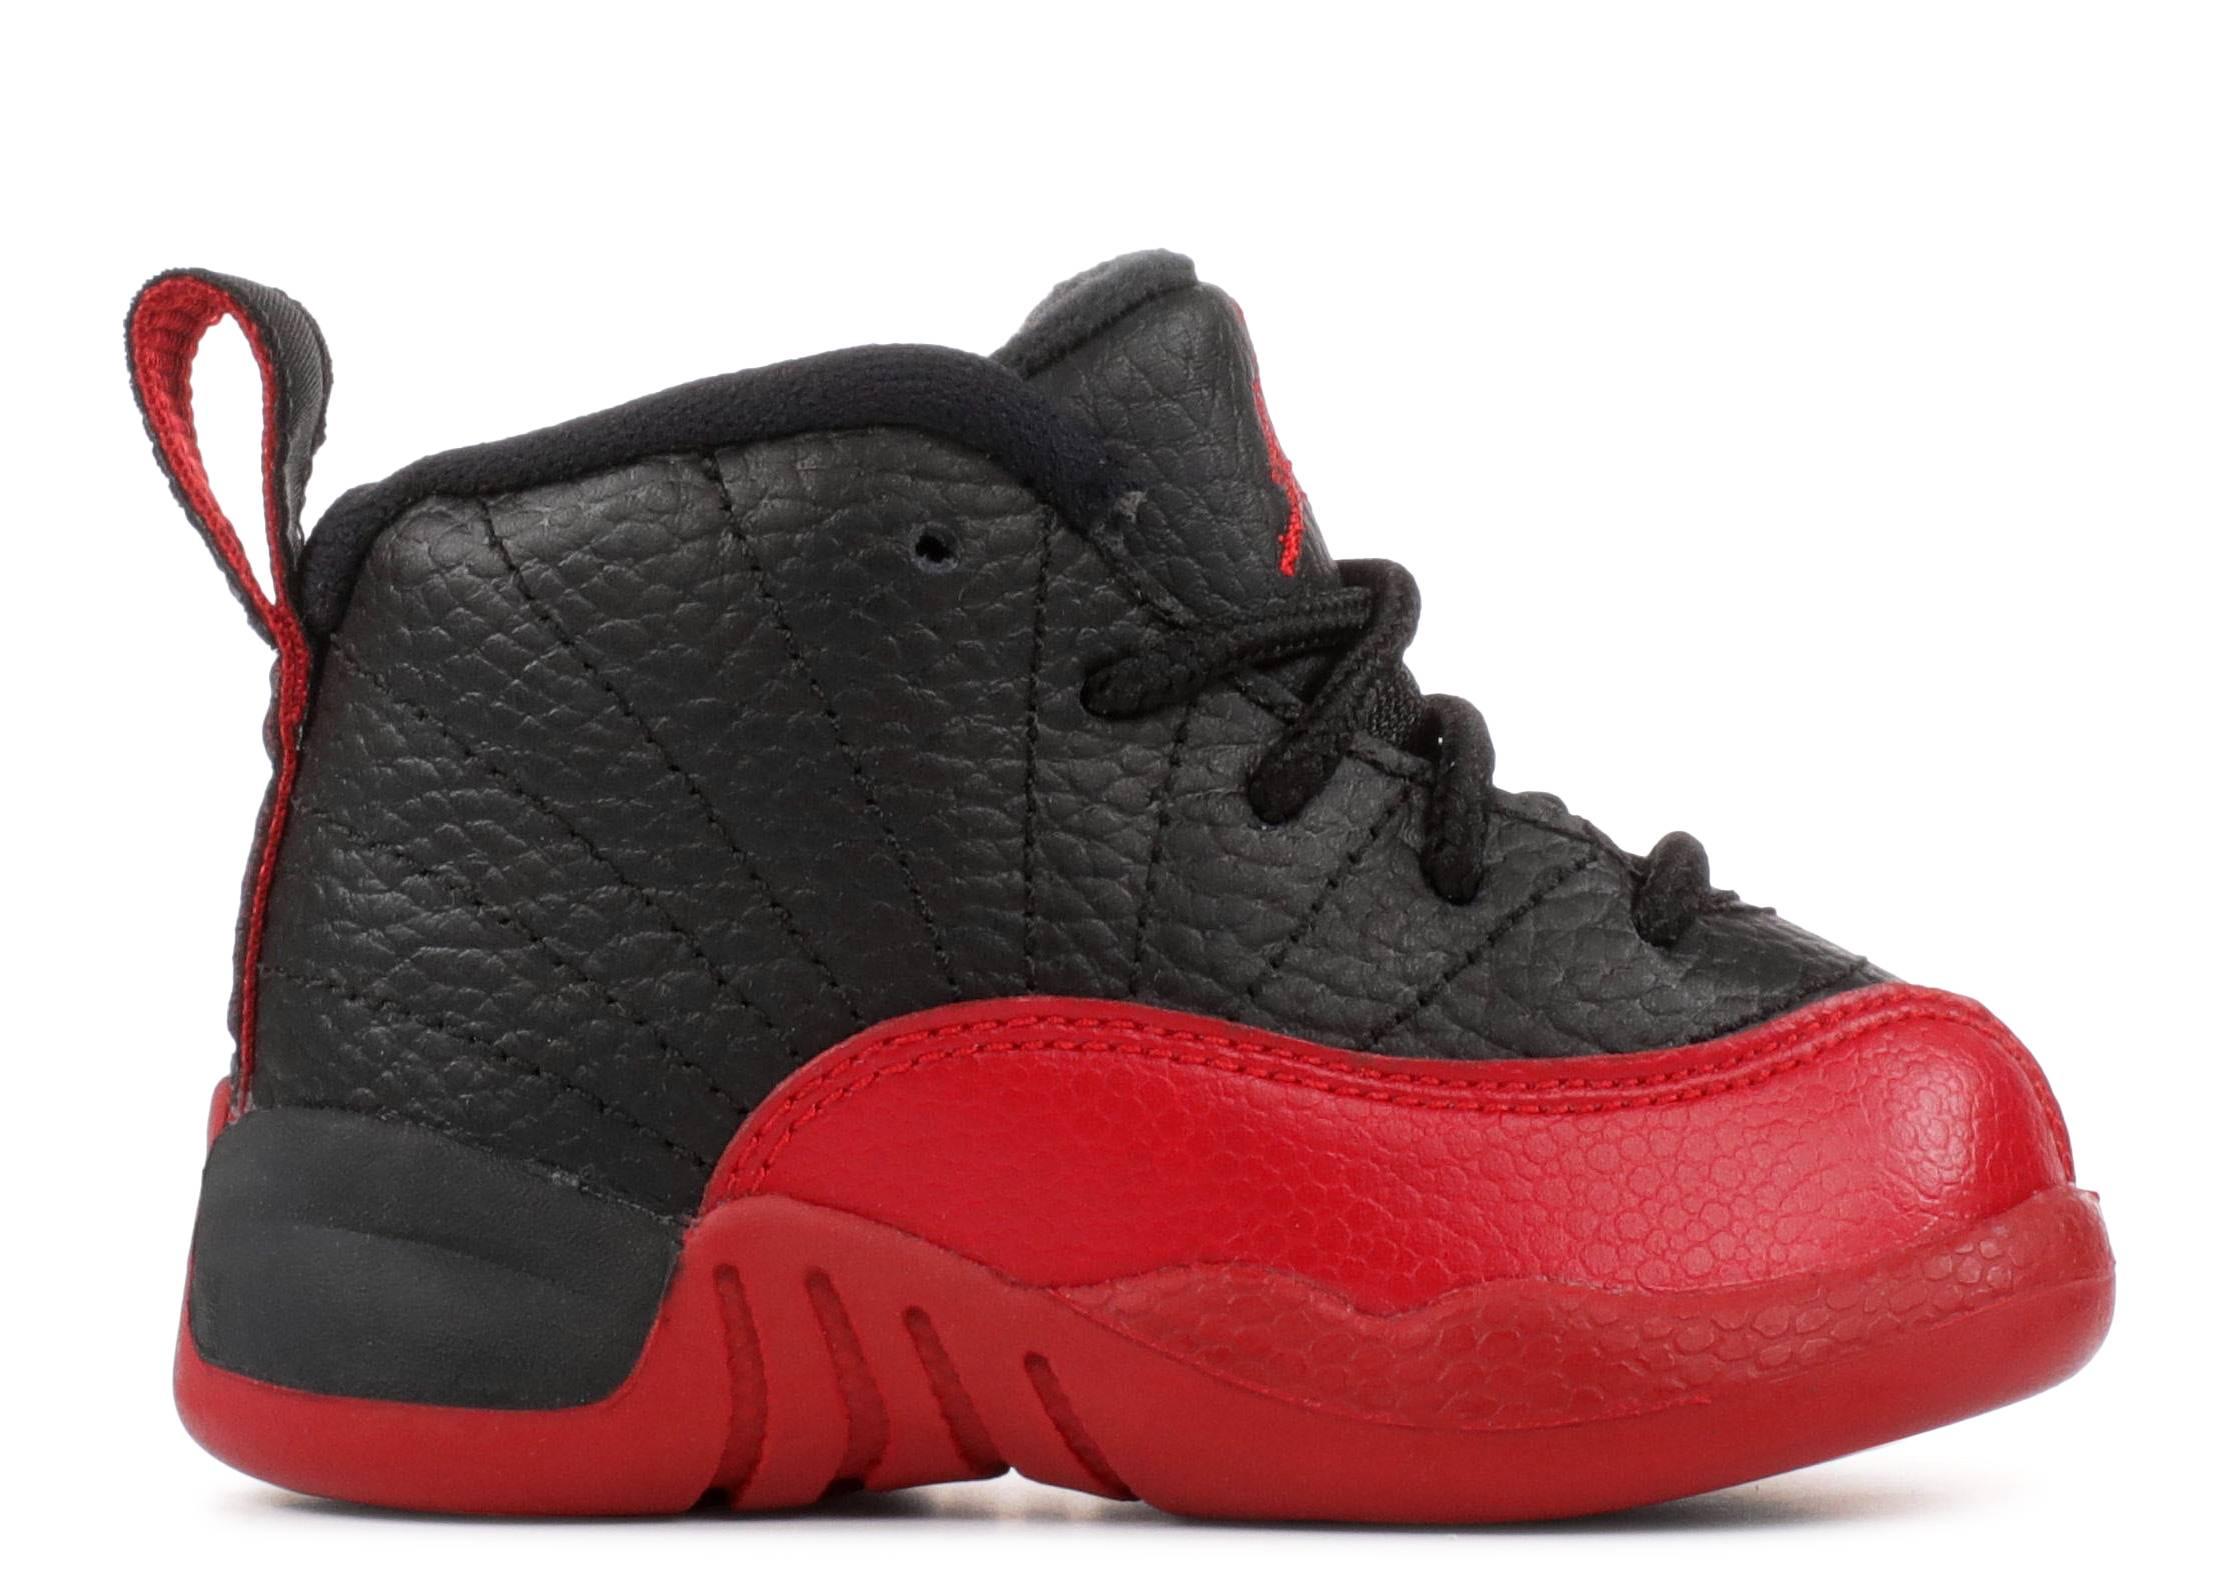 c8f1b81fa0e Jordan 12 Retro Bt - Air Jordan - 850000 002 - black/varsity red ...